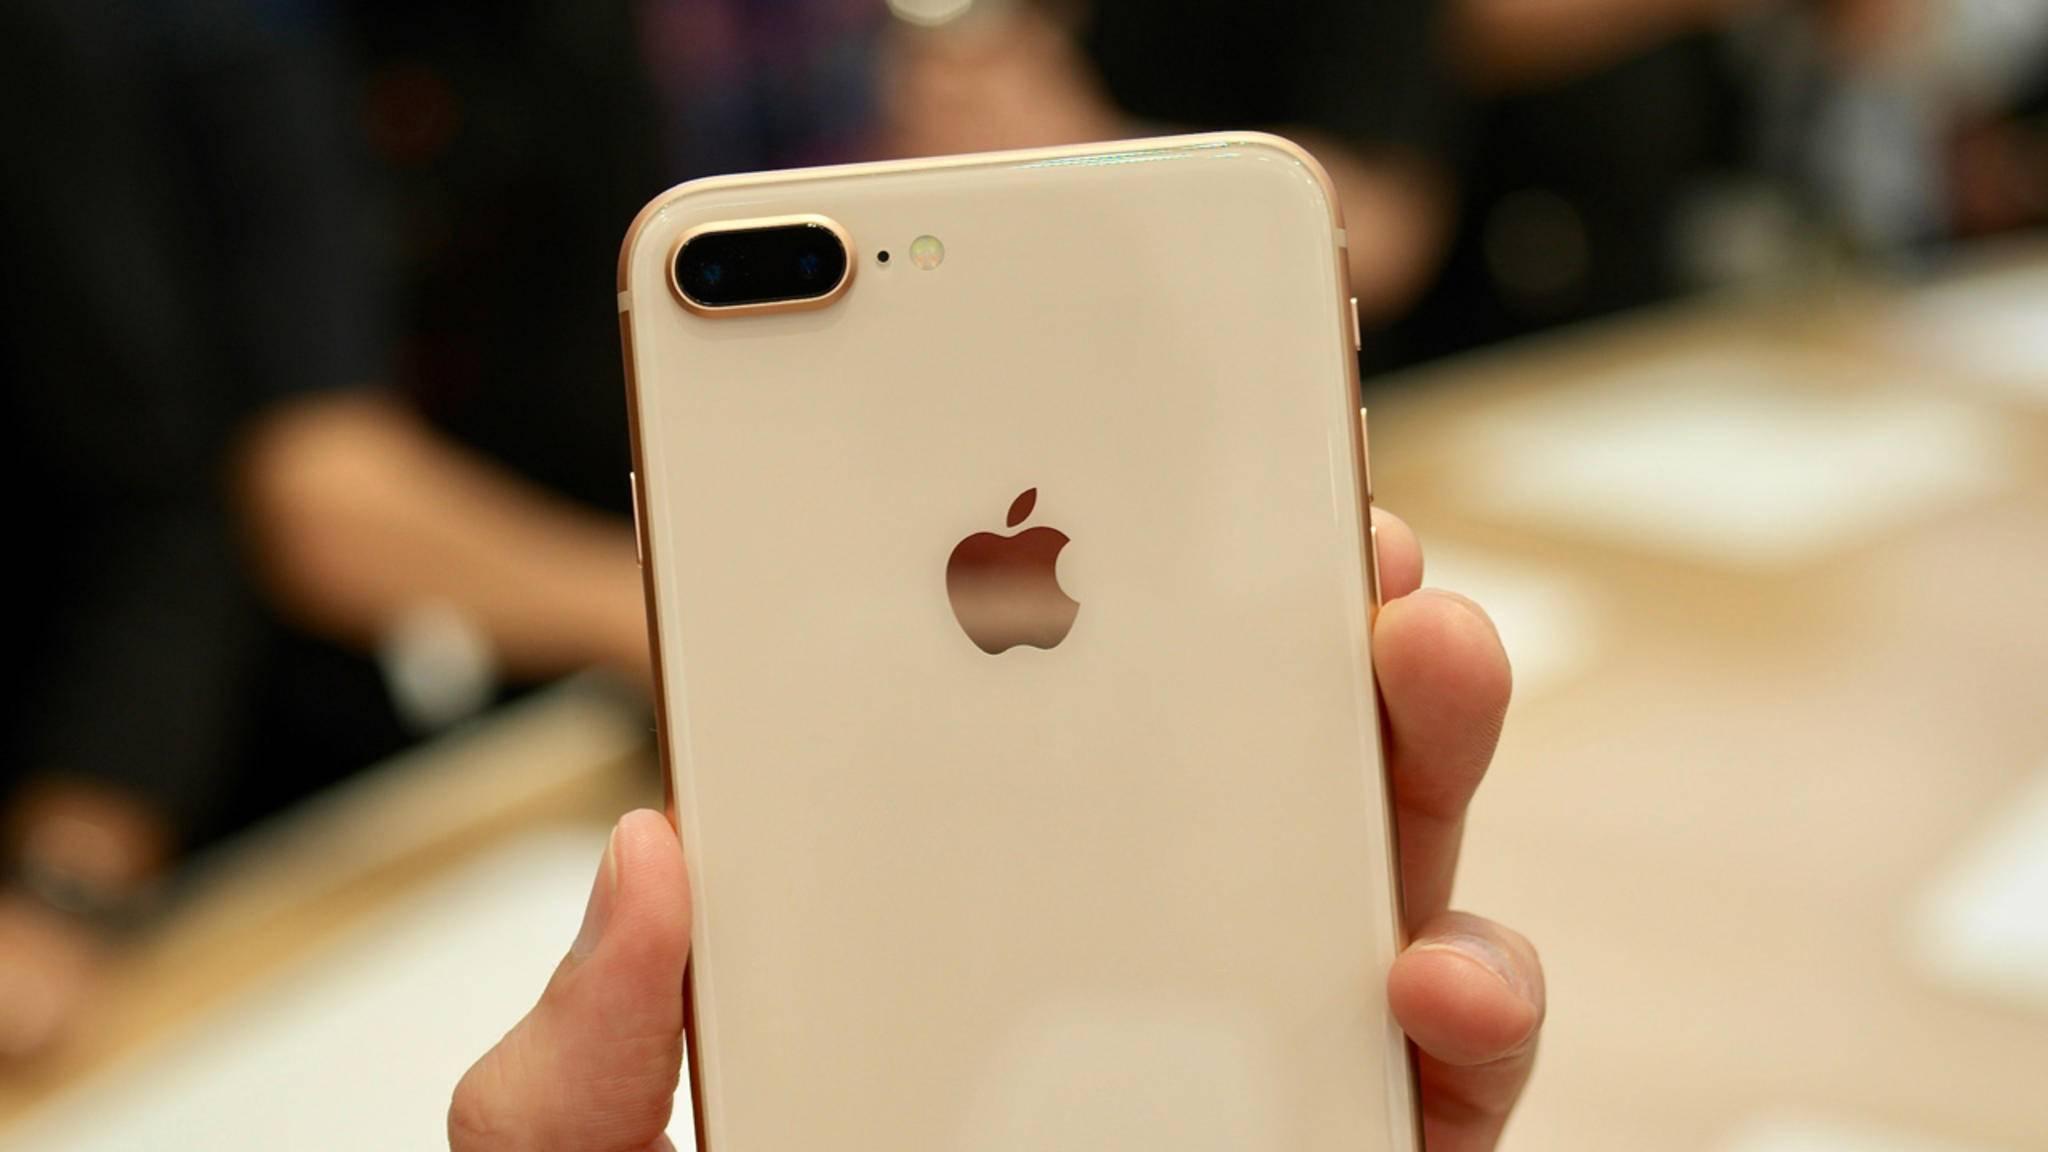 Welches iPhone hat eine Dual-Kamera? Wir klären auf.